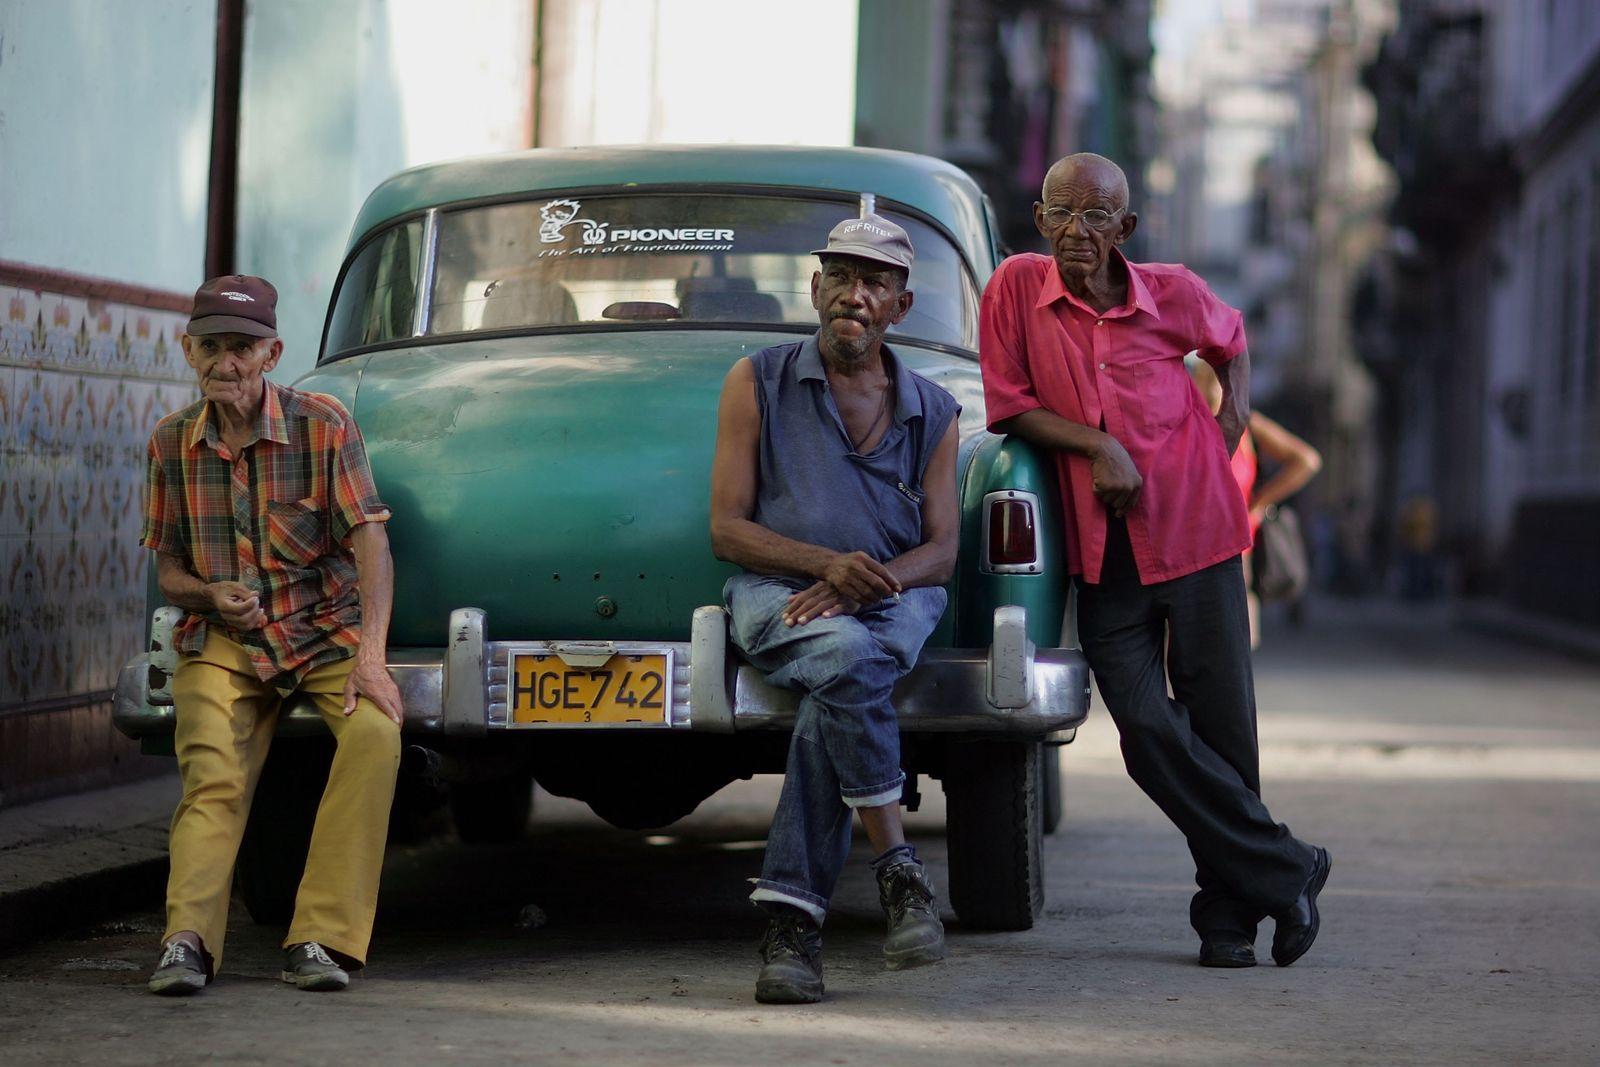 Kuba/ Havana